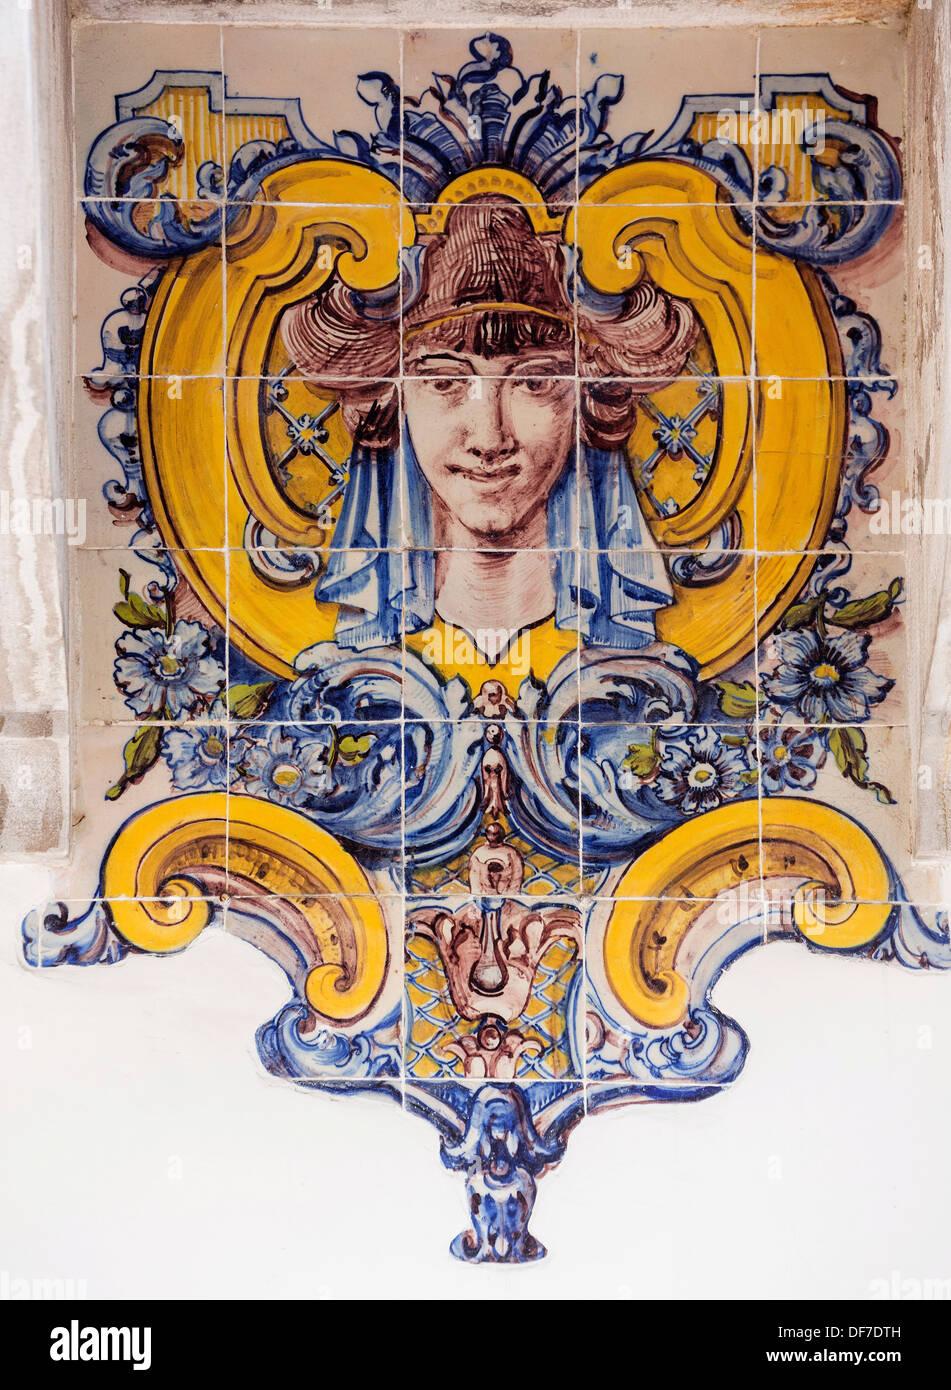 Painted Azulejos tiles, Art Nouveau style, woman's head, Sintra, Lisbon District, Portugal - Stock Image